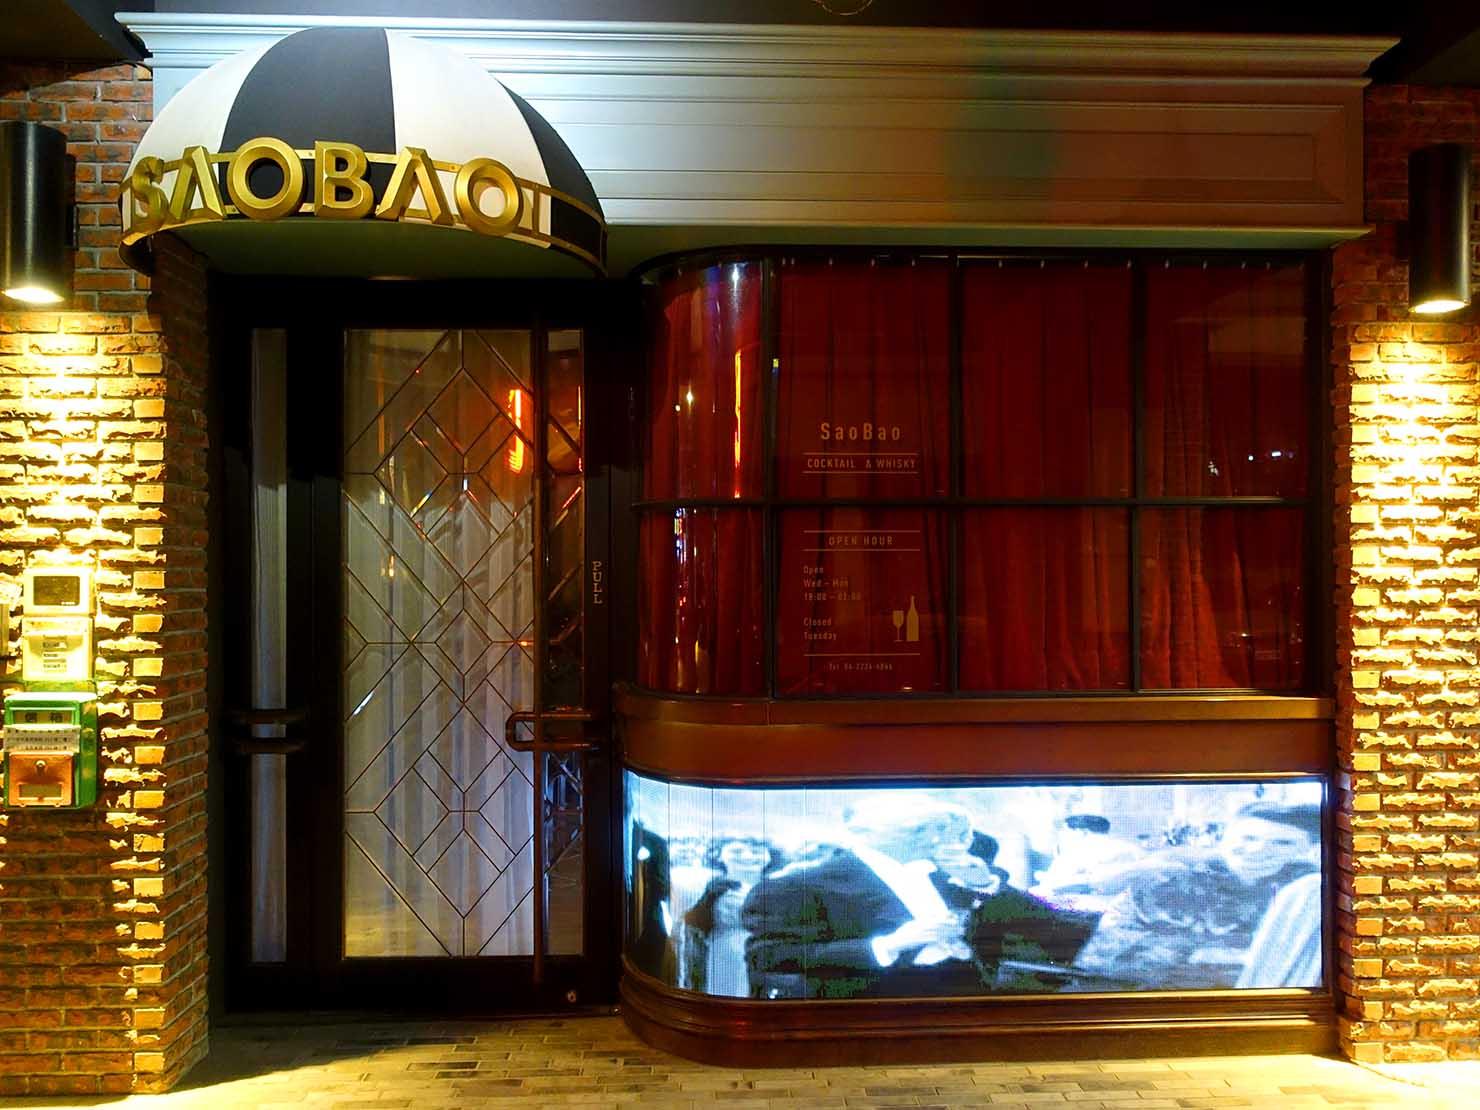 台中駅前のおすすめデザインホテル「紅點文旅 RedDot Hotel」のバー・SAOBAOのエントランス